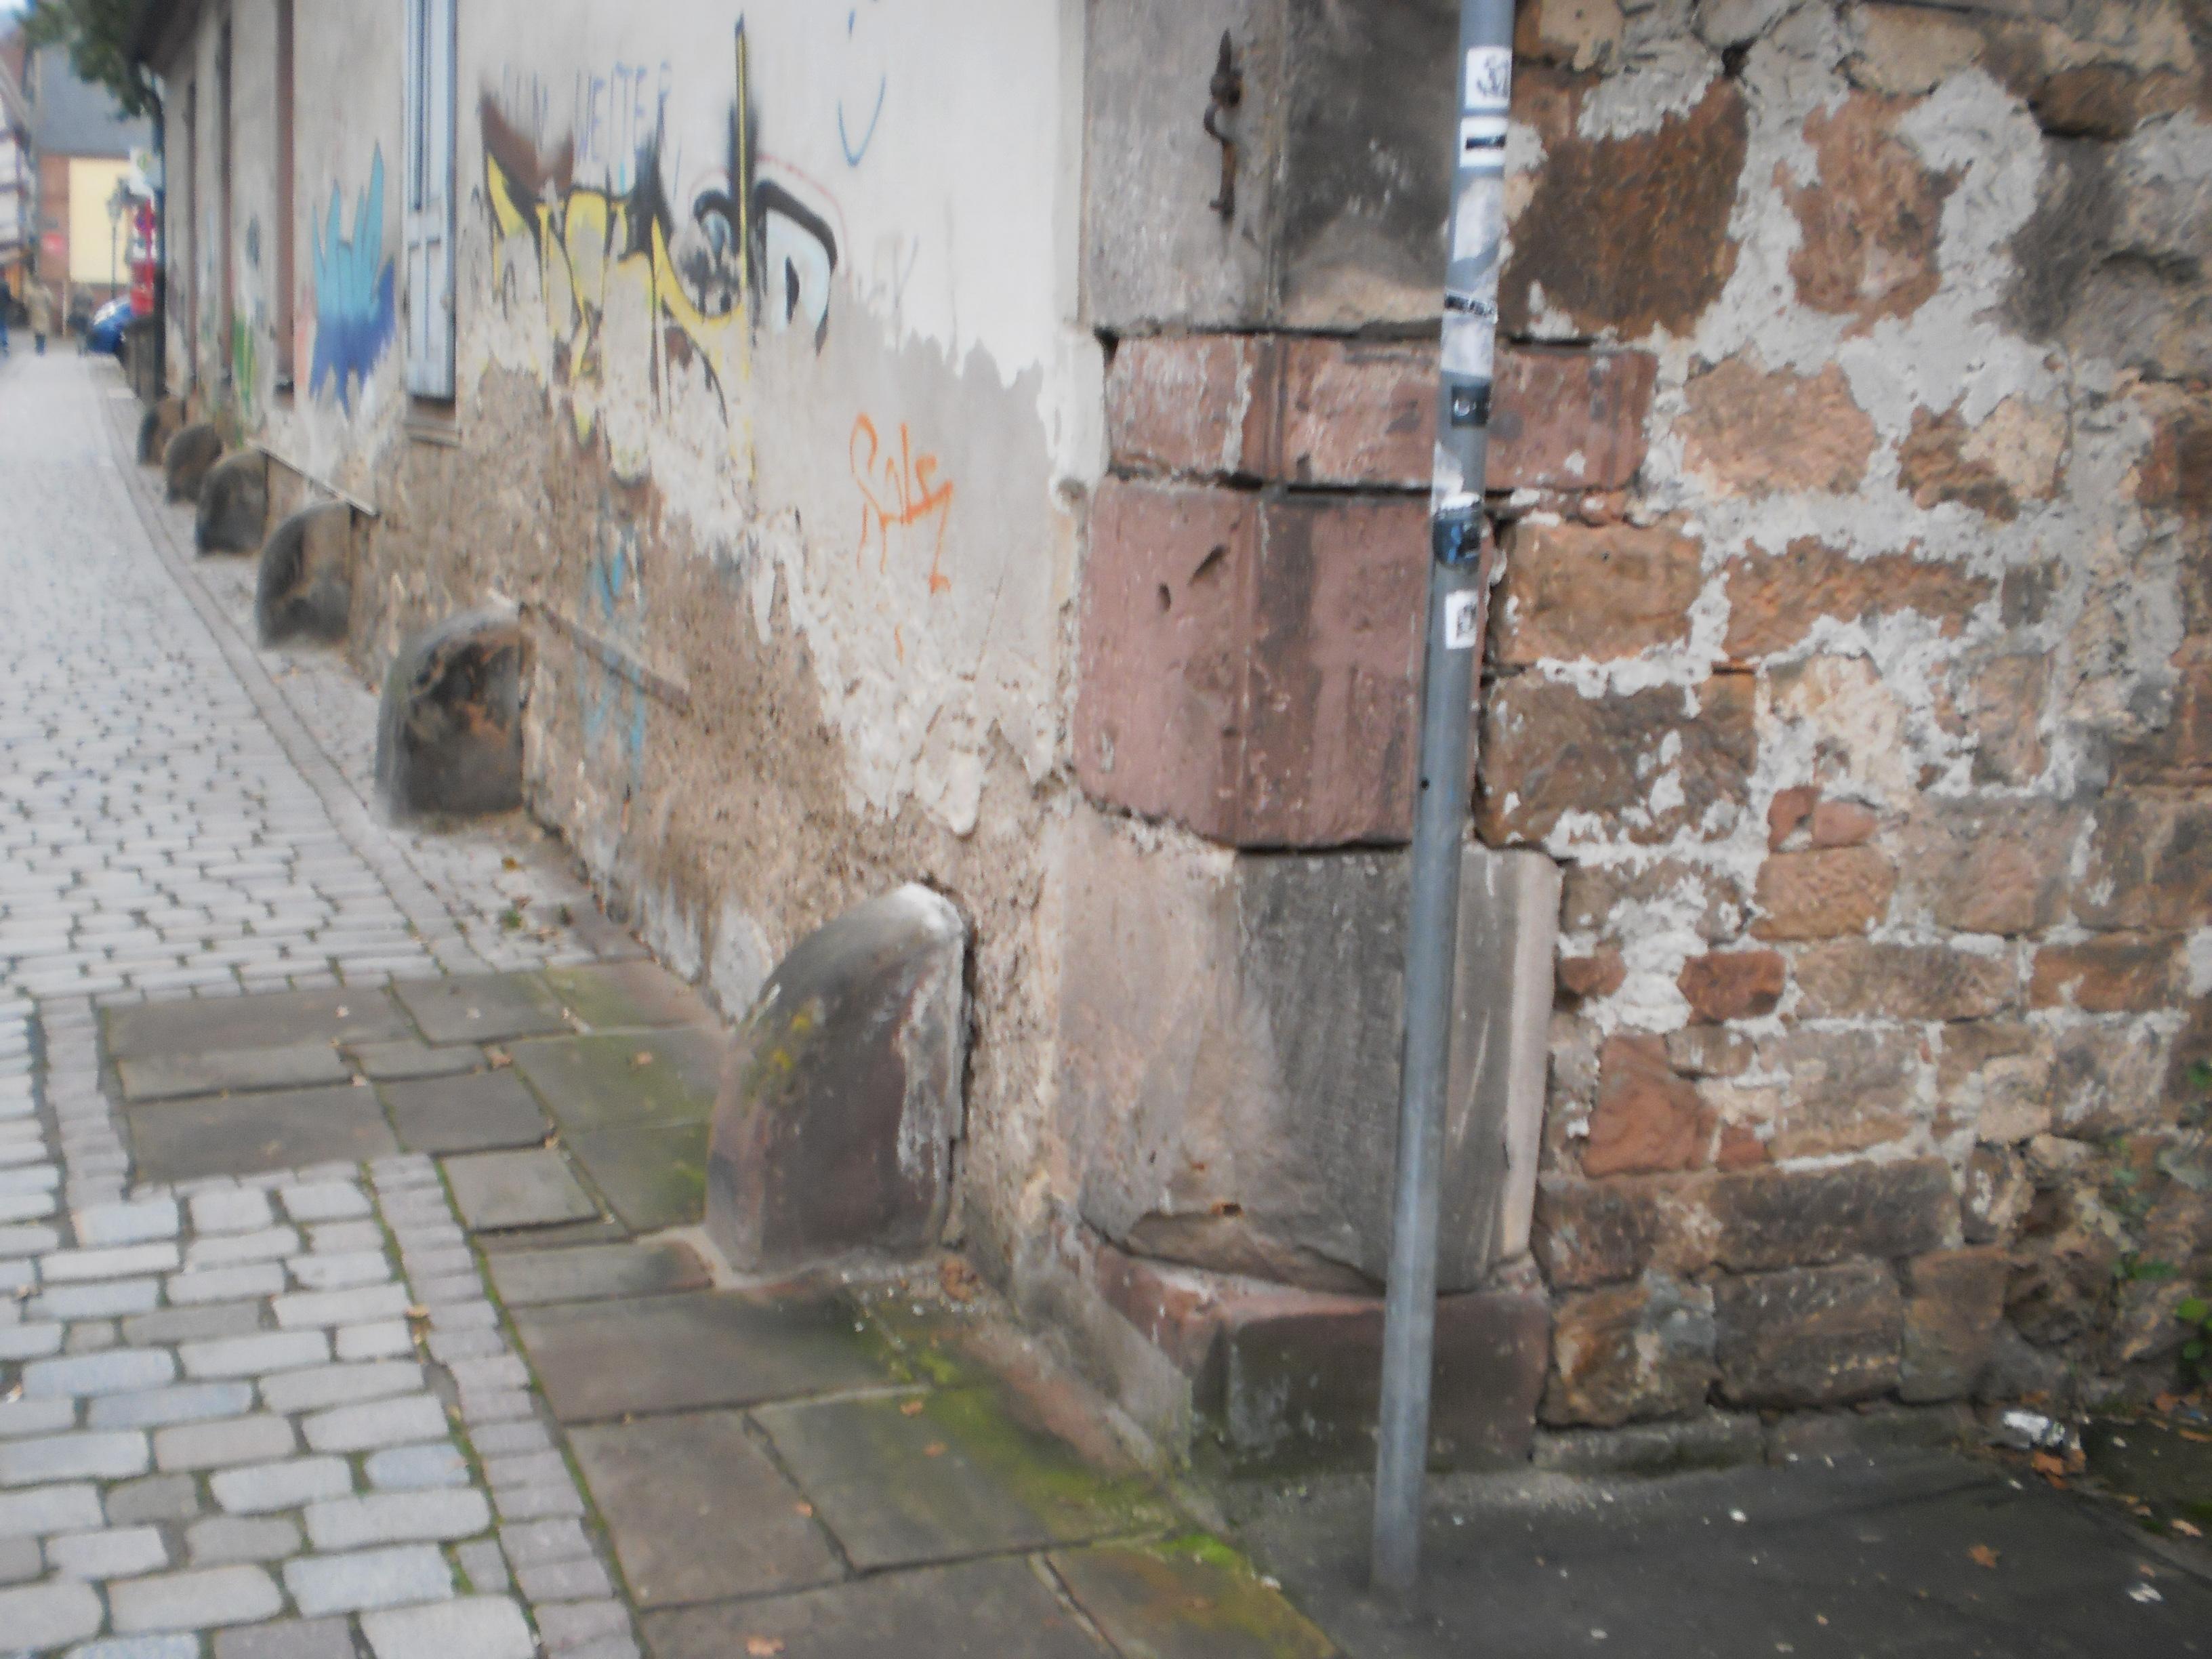 A row of jostle stones in Marburg, Germany